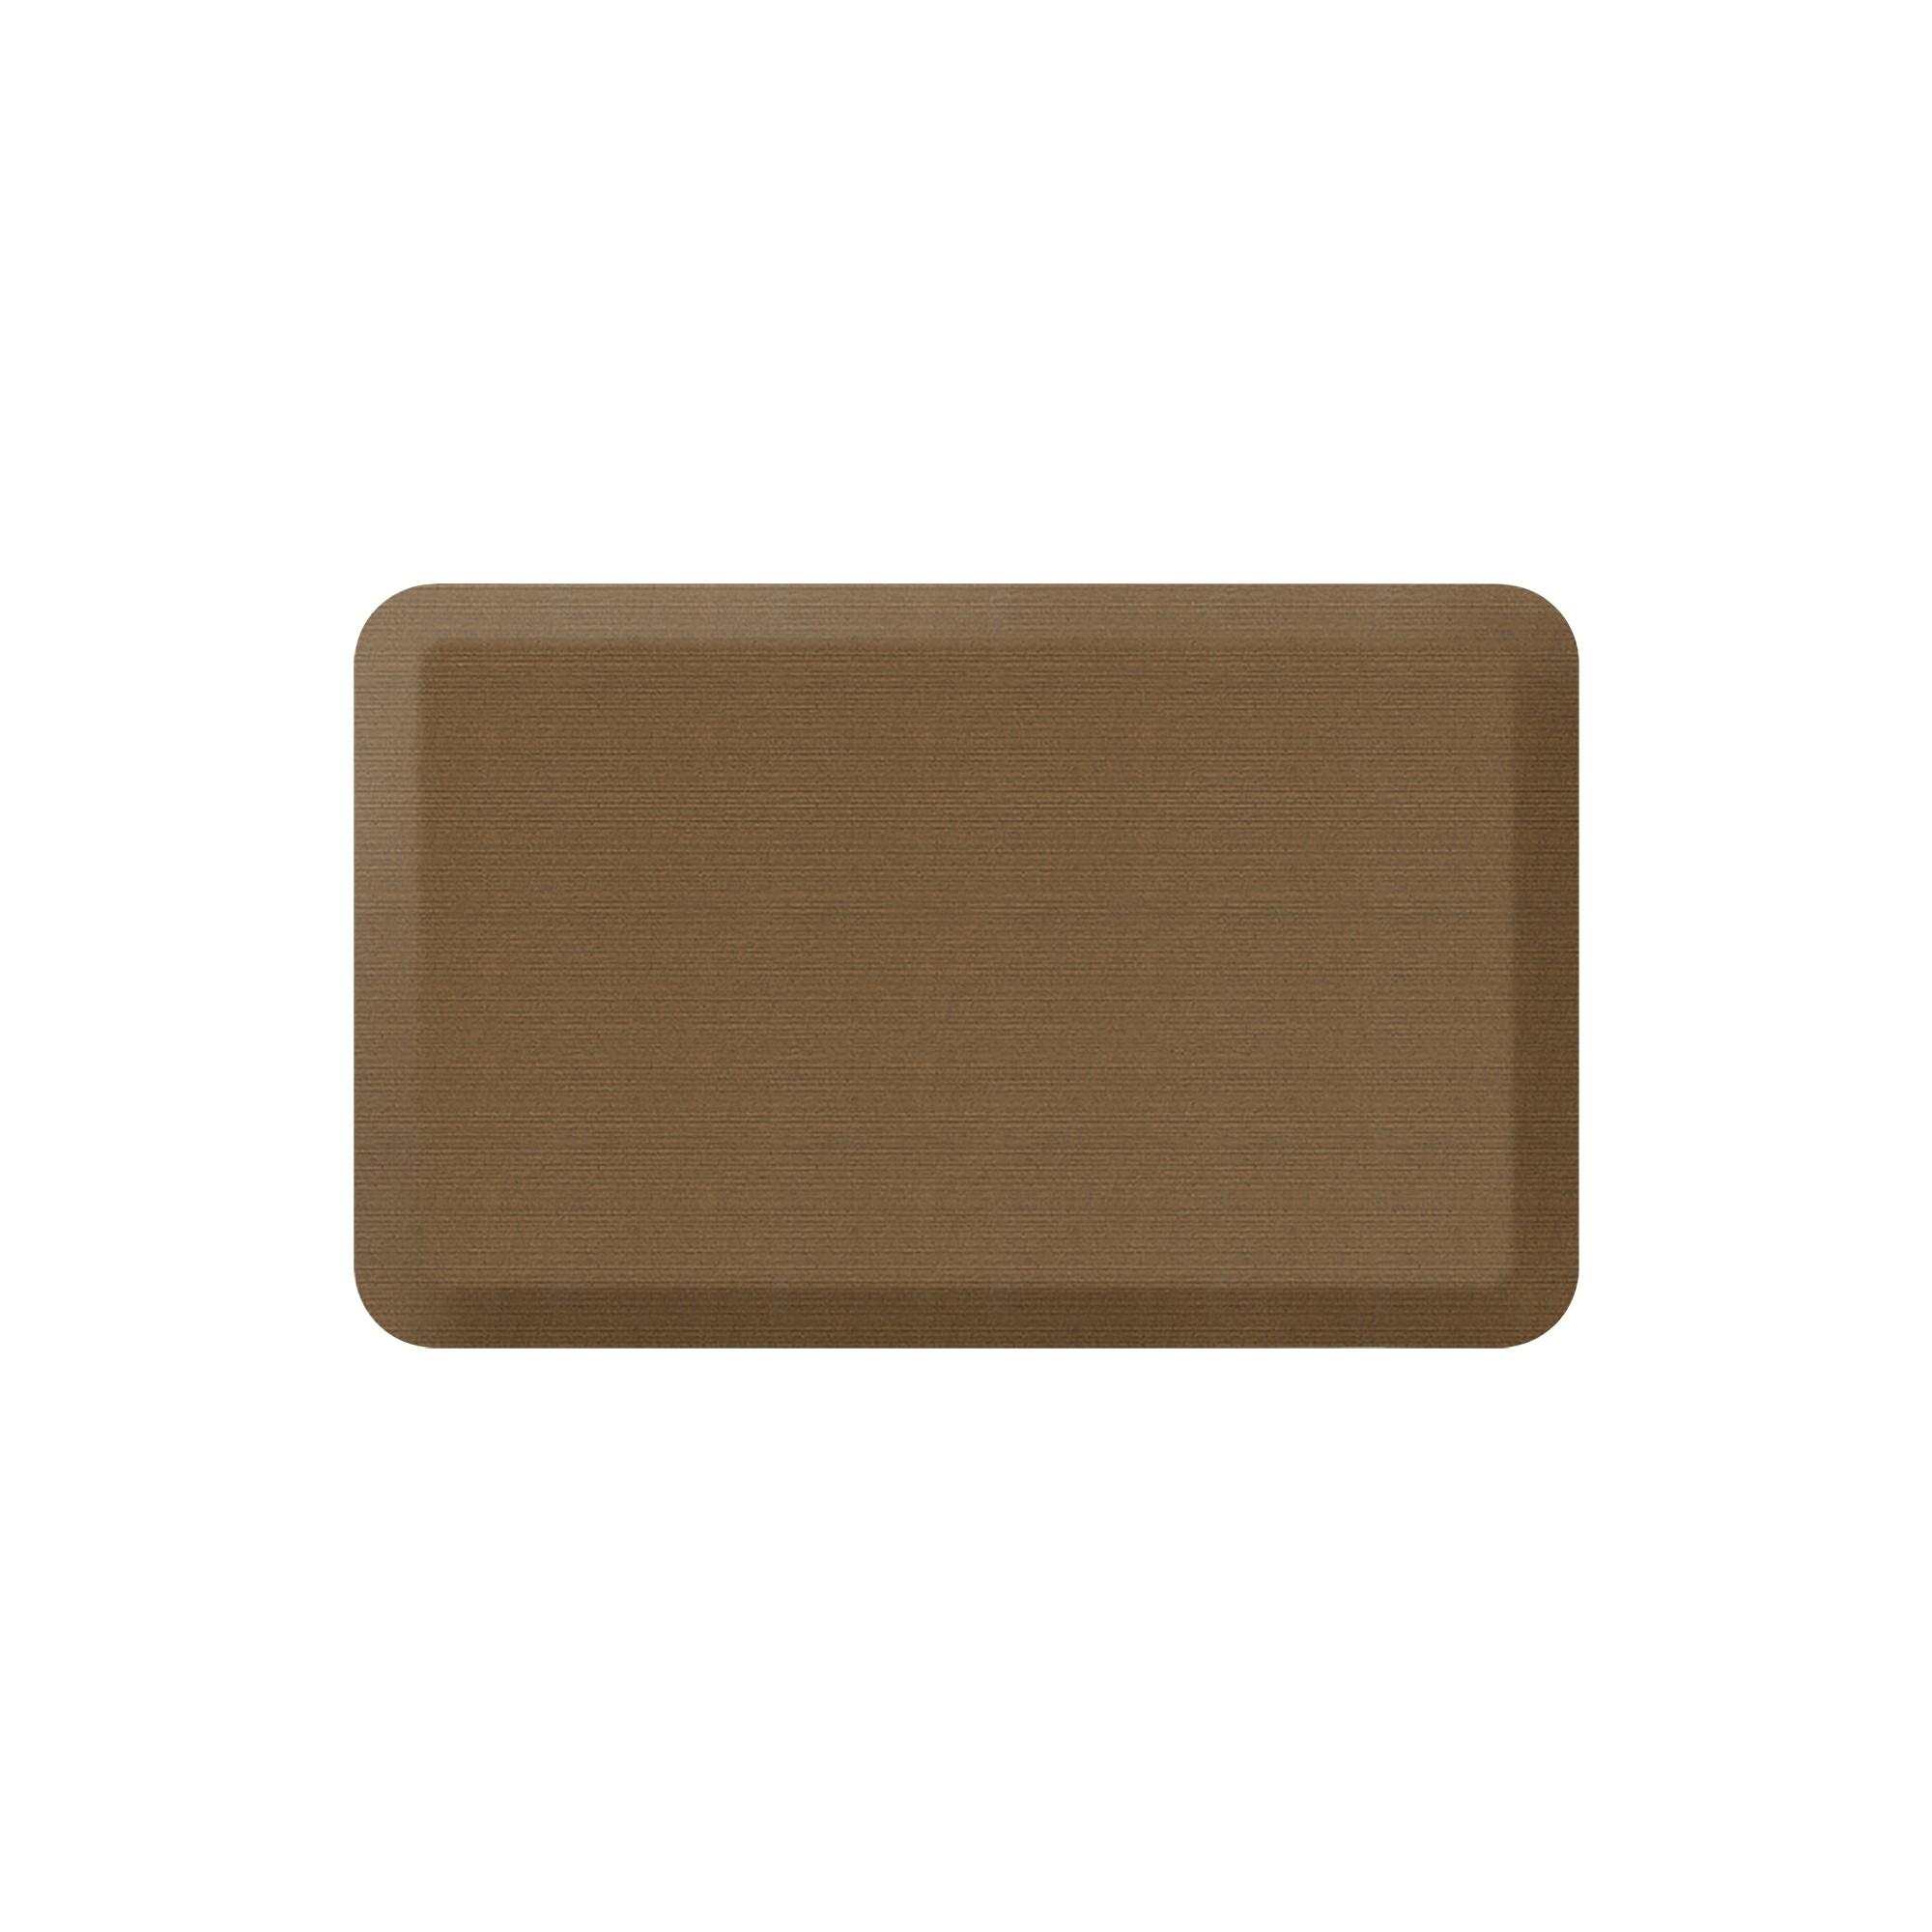 Newlife By Gelpro Designer Comfort Kitchen Mat Grasscloth Khaki 20x32 Design Kitchen Mat Grasscloth